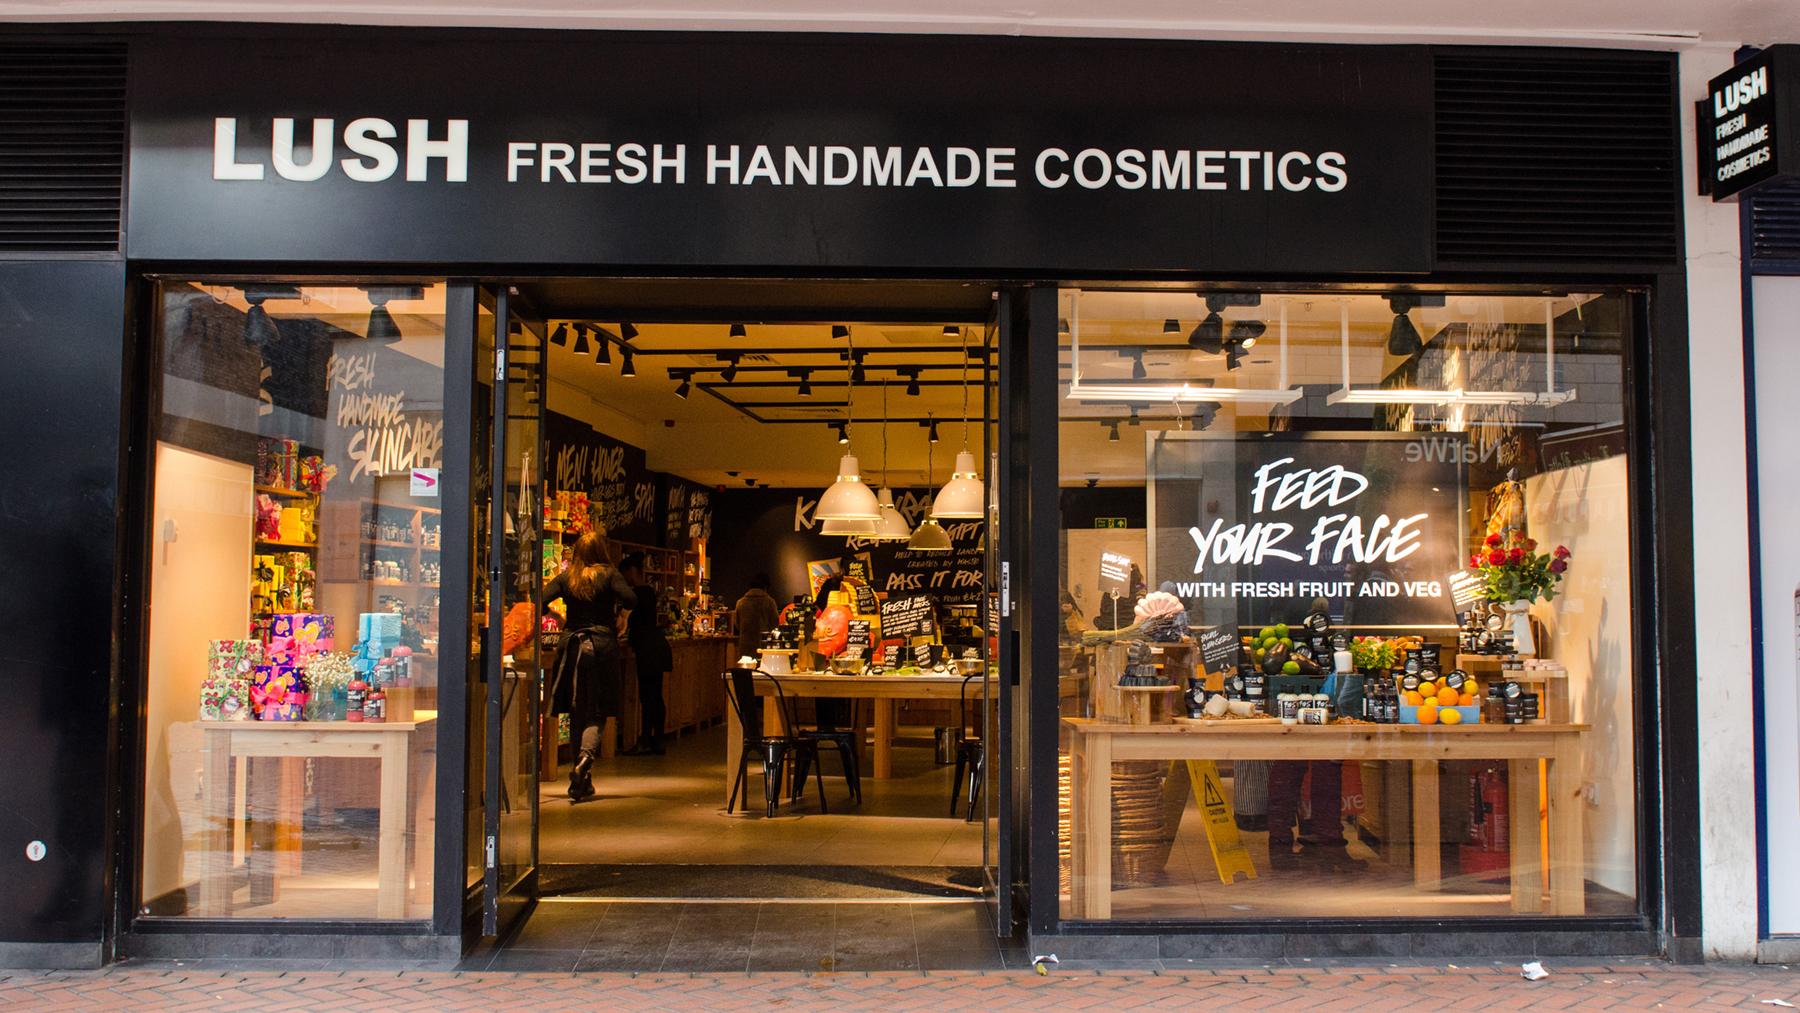 Birmingham Lush Fresh Handmade Cosmetics Uk